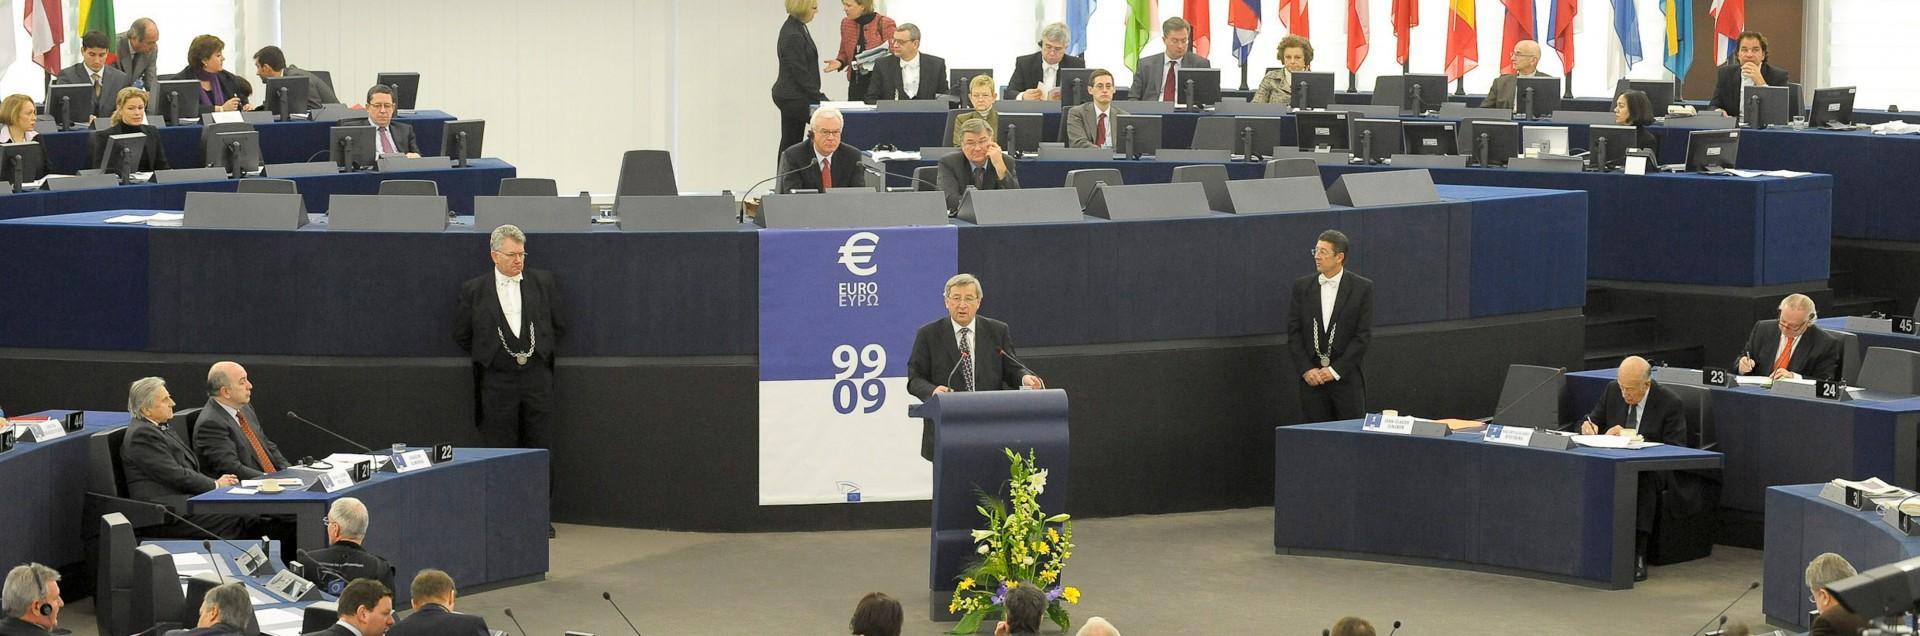 Popolari e populisti: una nuova alleanza a Bruxelles?